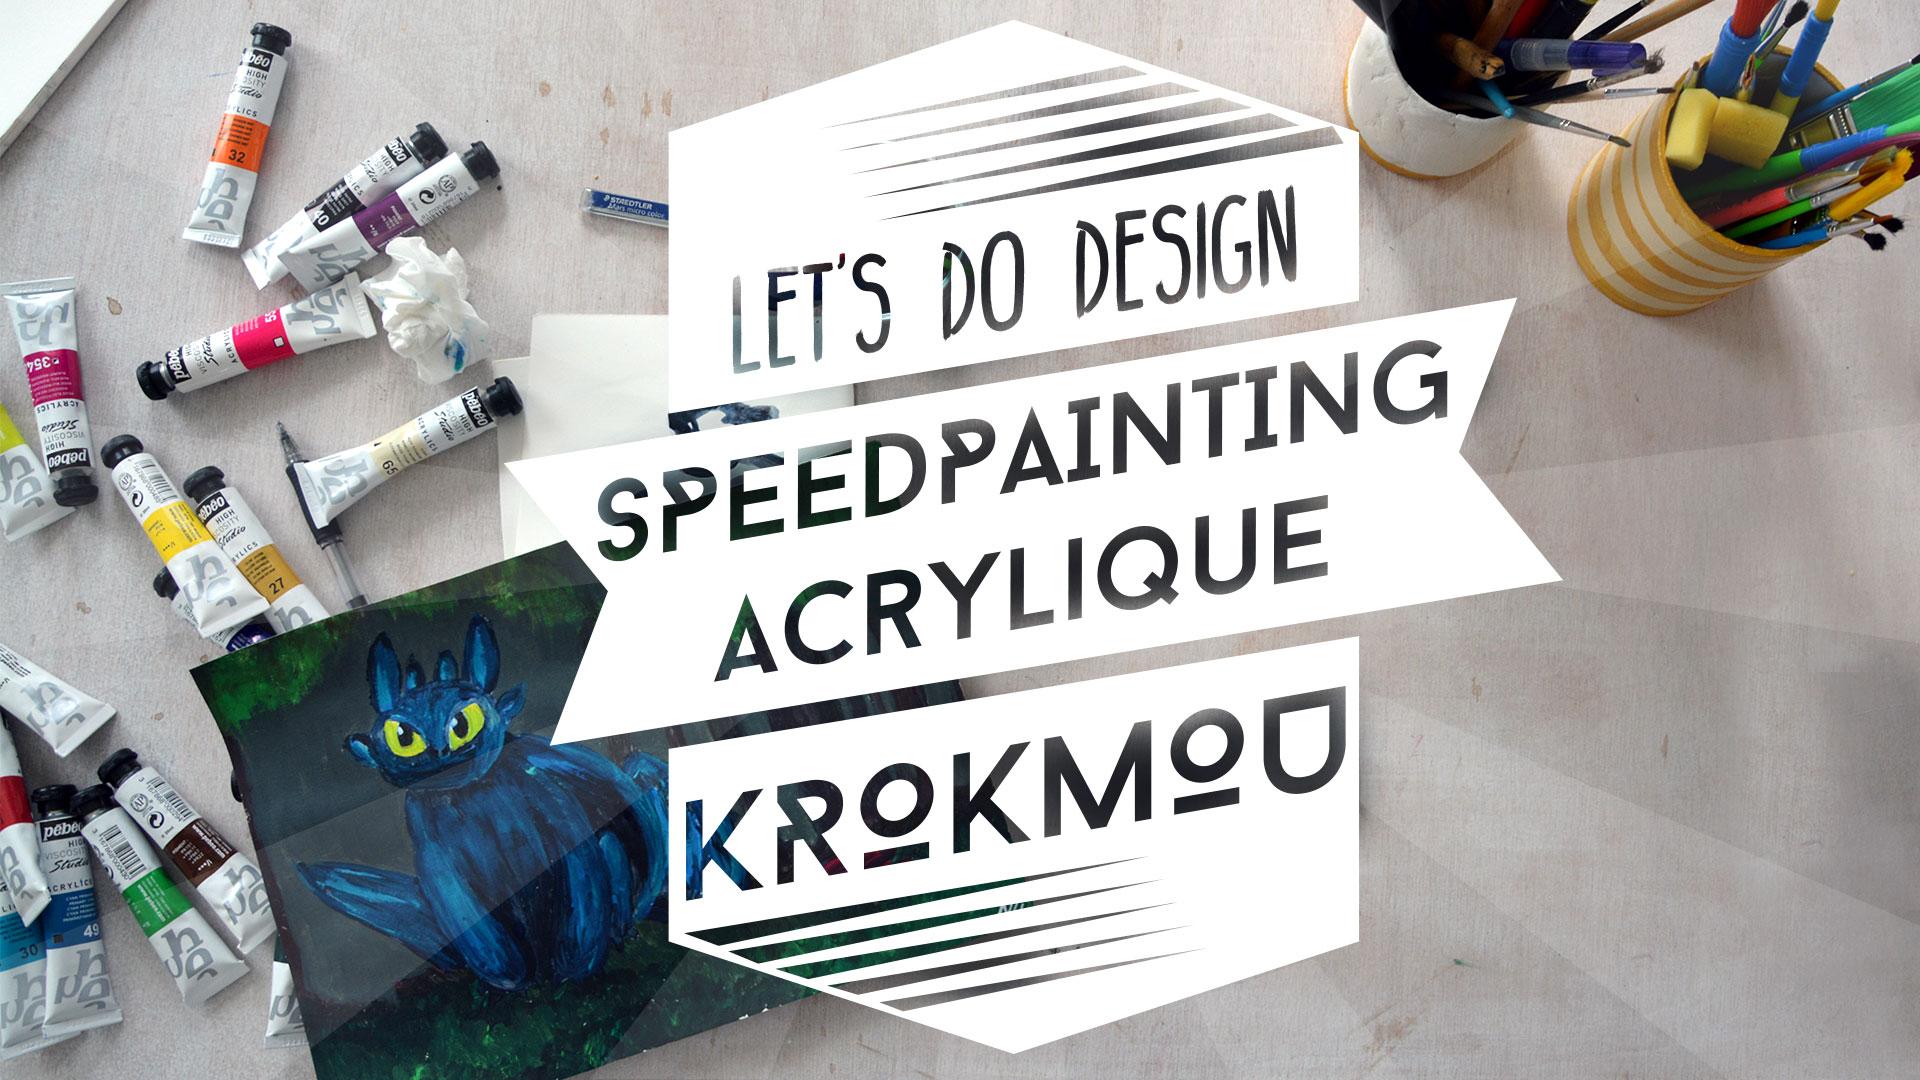 Speedpainting acrylique :krokmou de Dragons